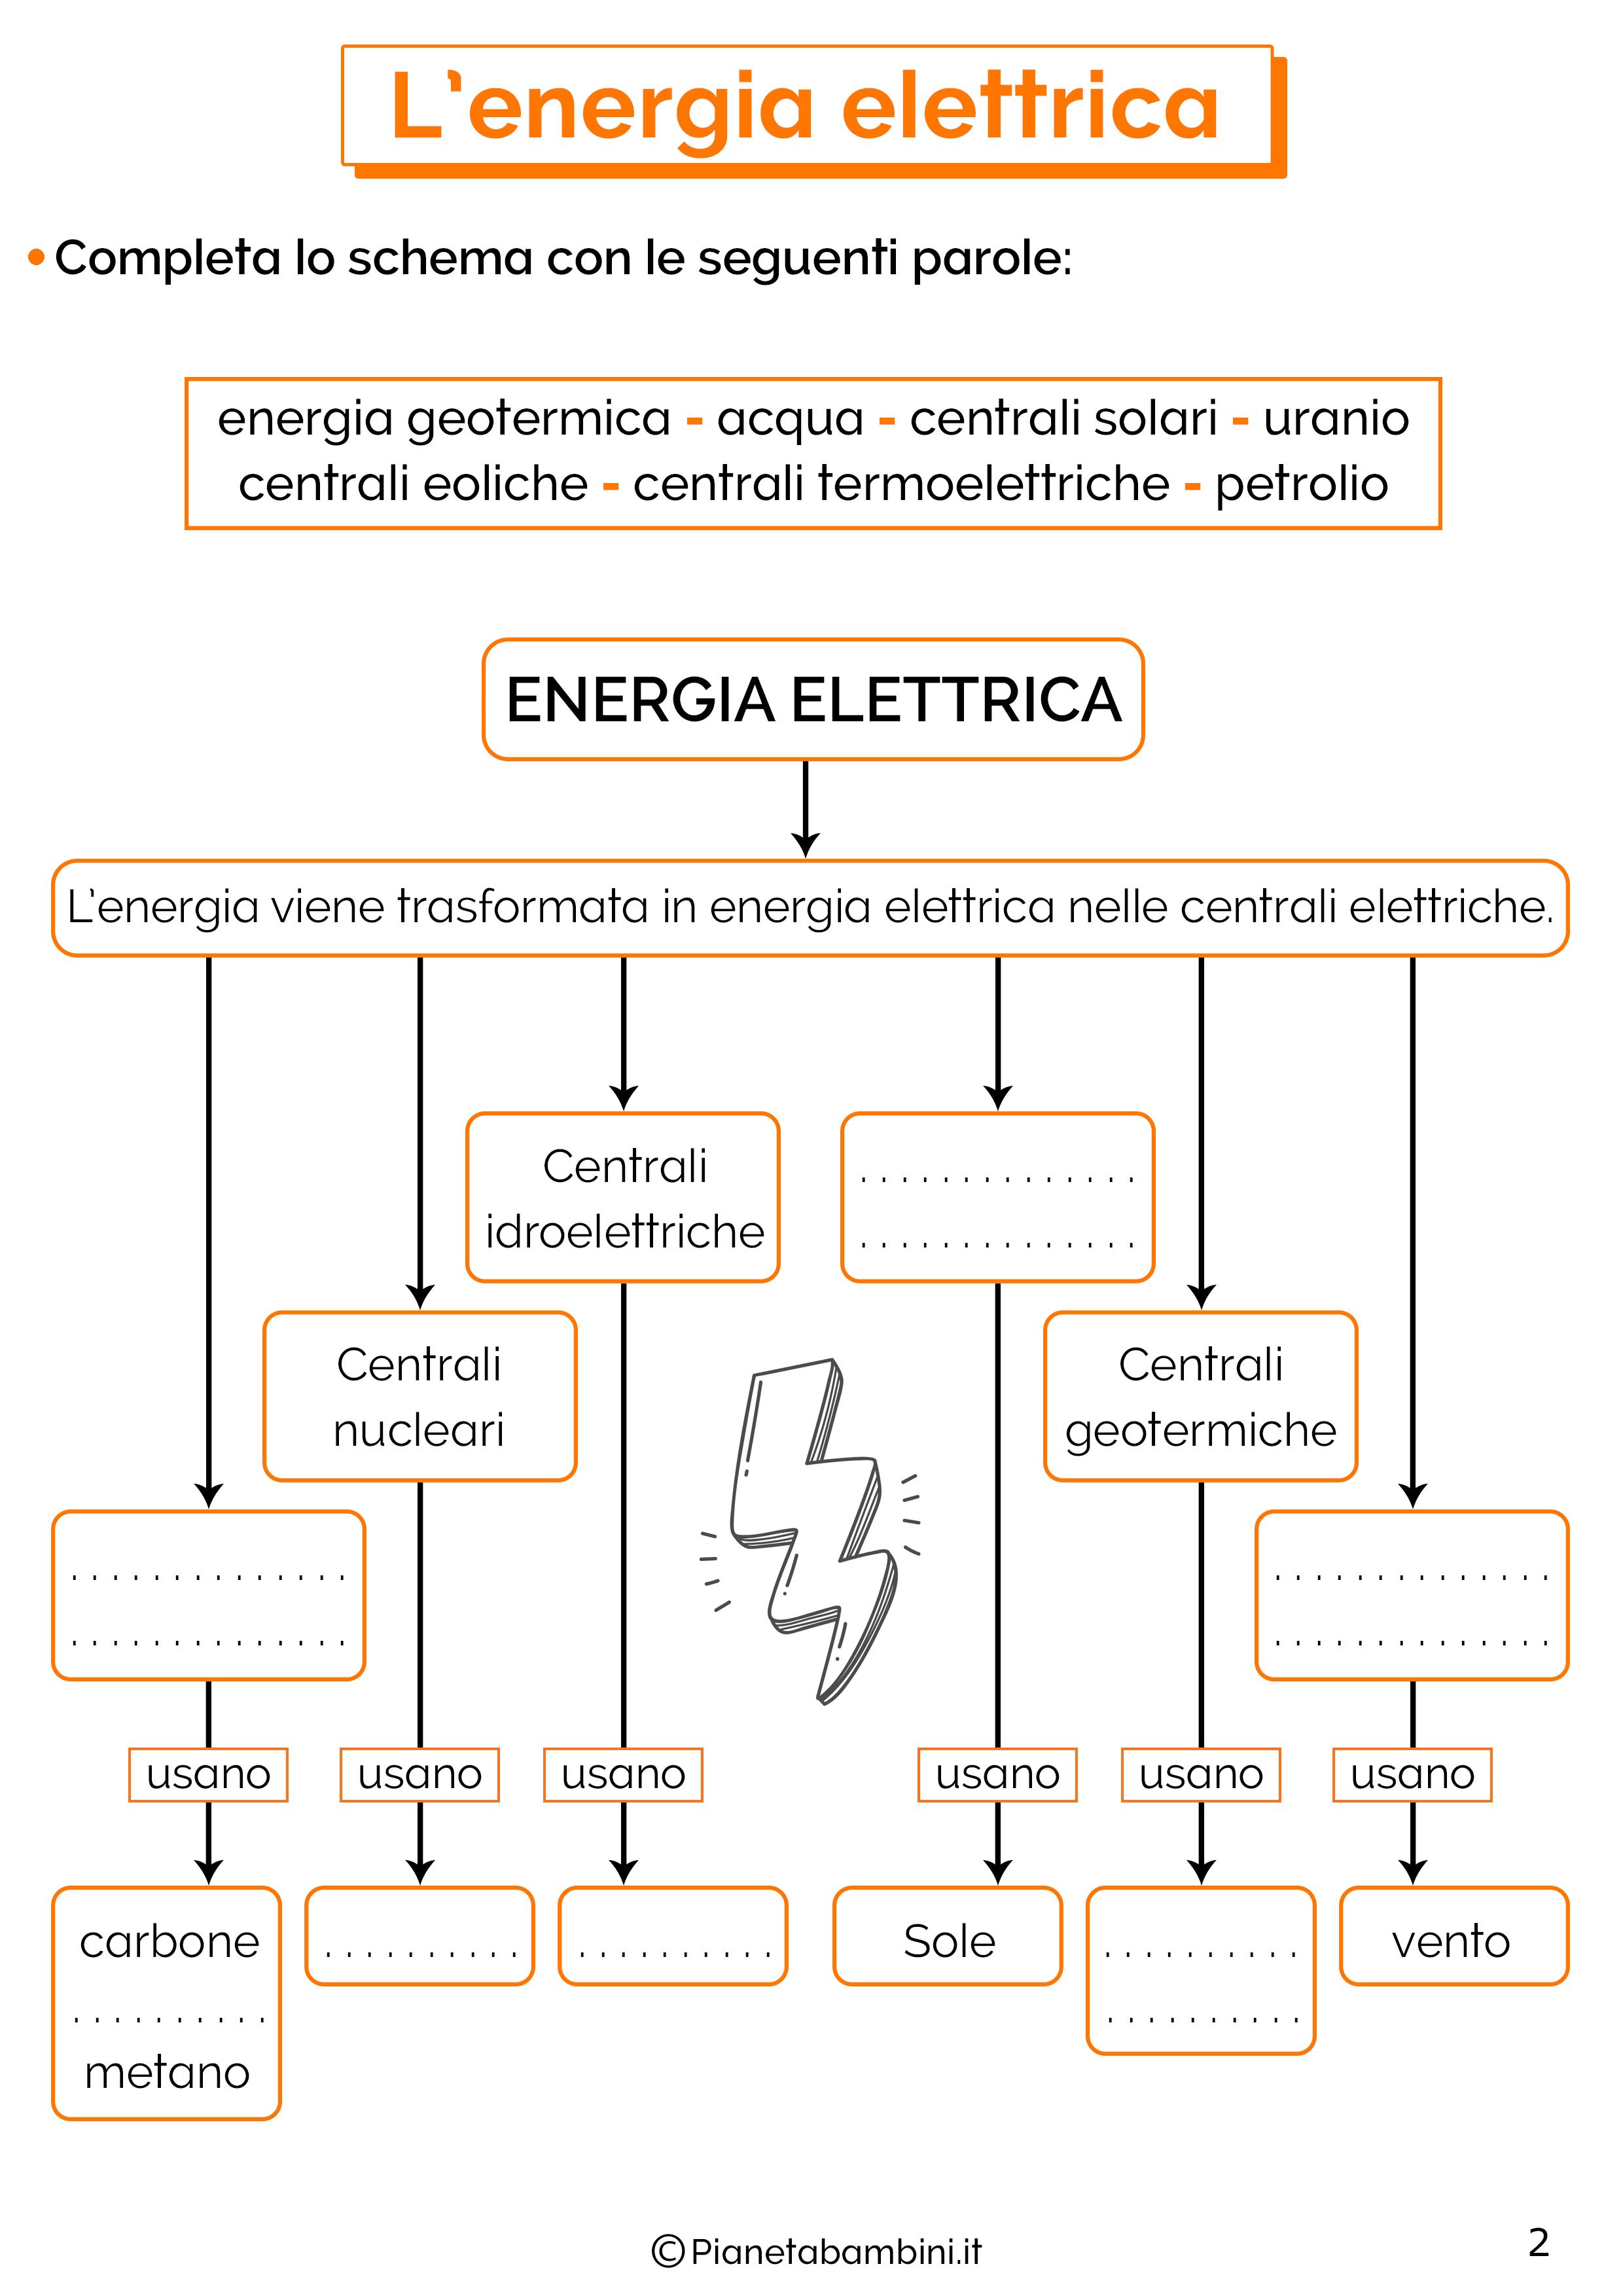 Esercizi sull'energia elettrica 2